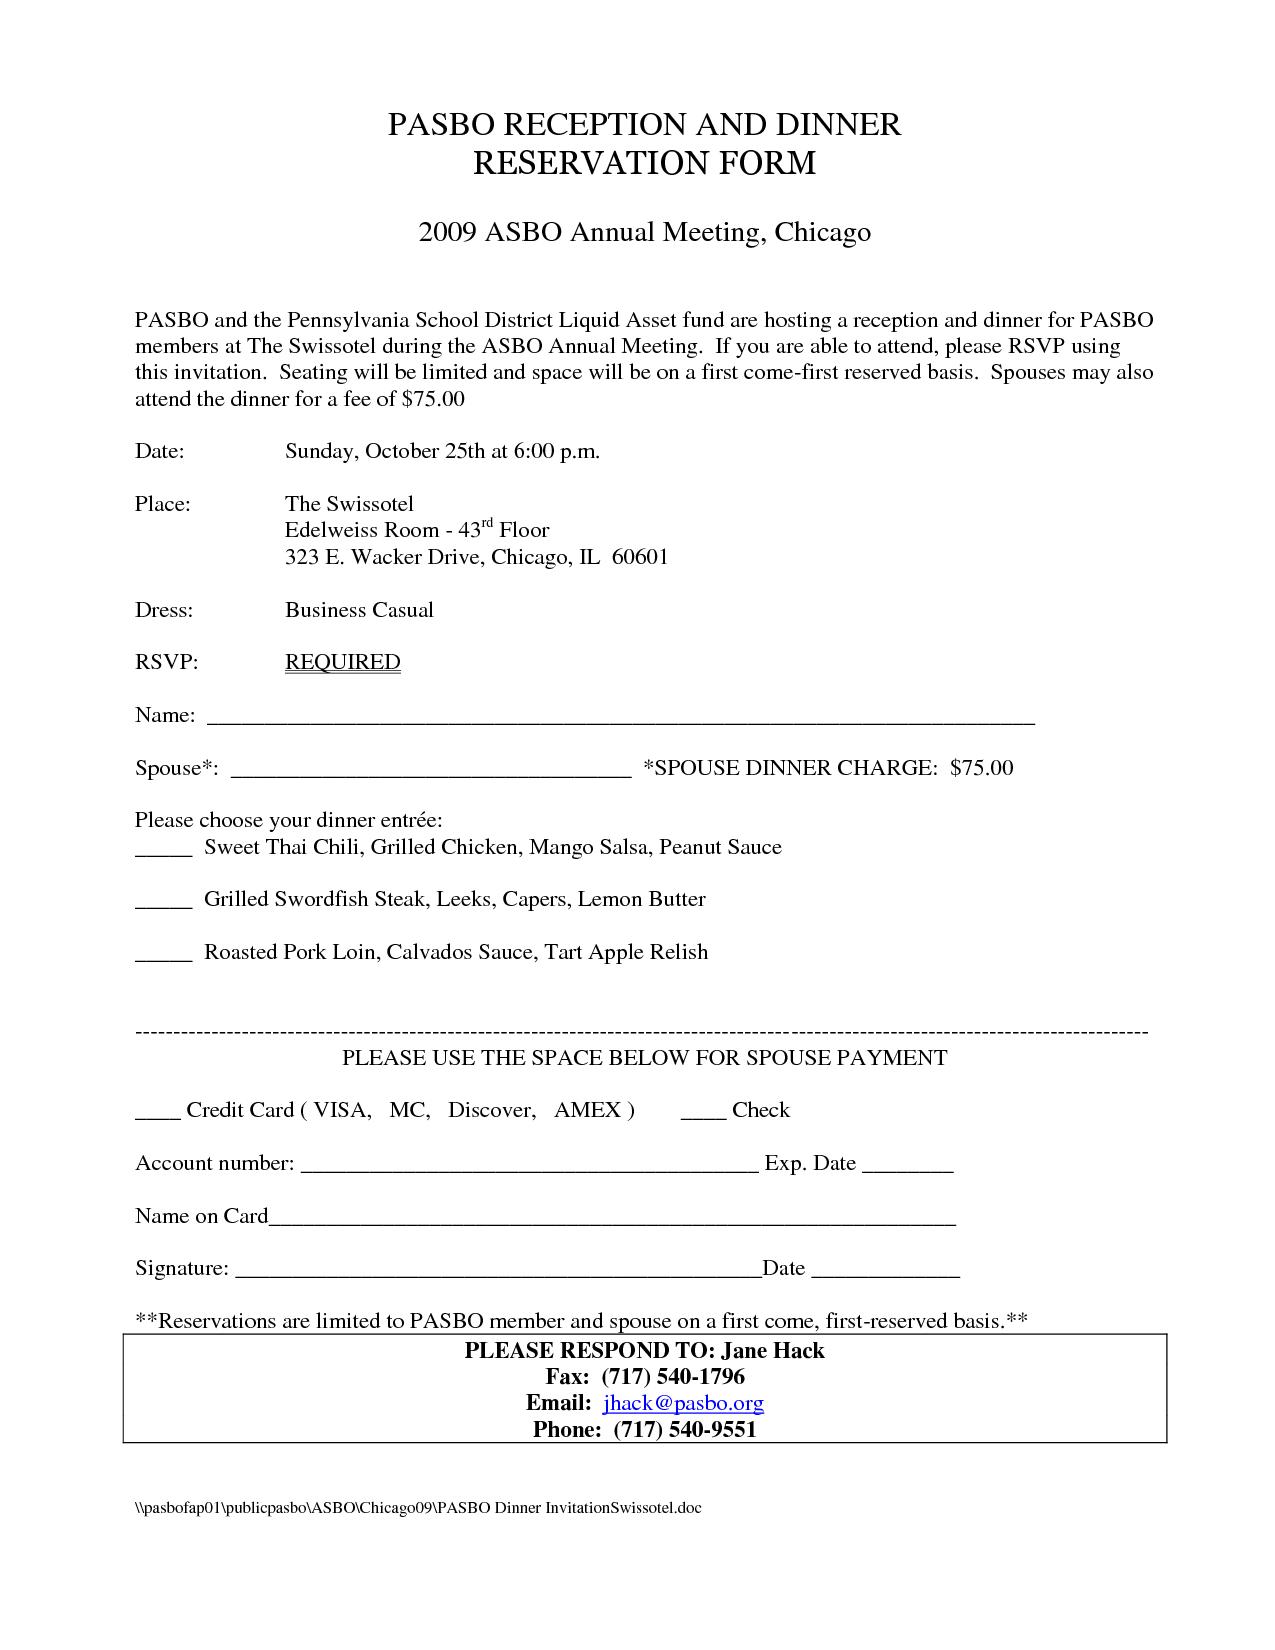 Dinner Invitation Sample Email